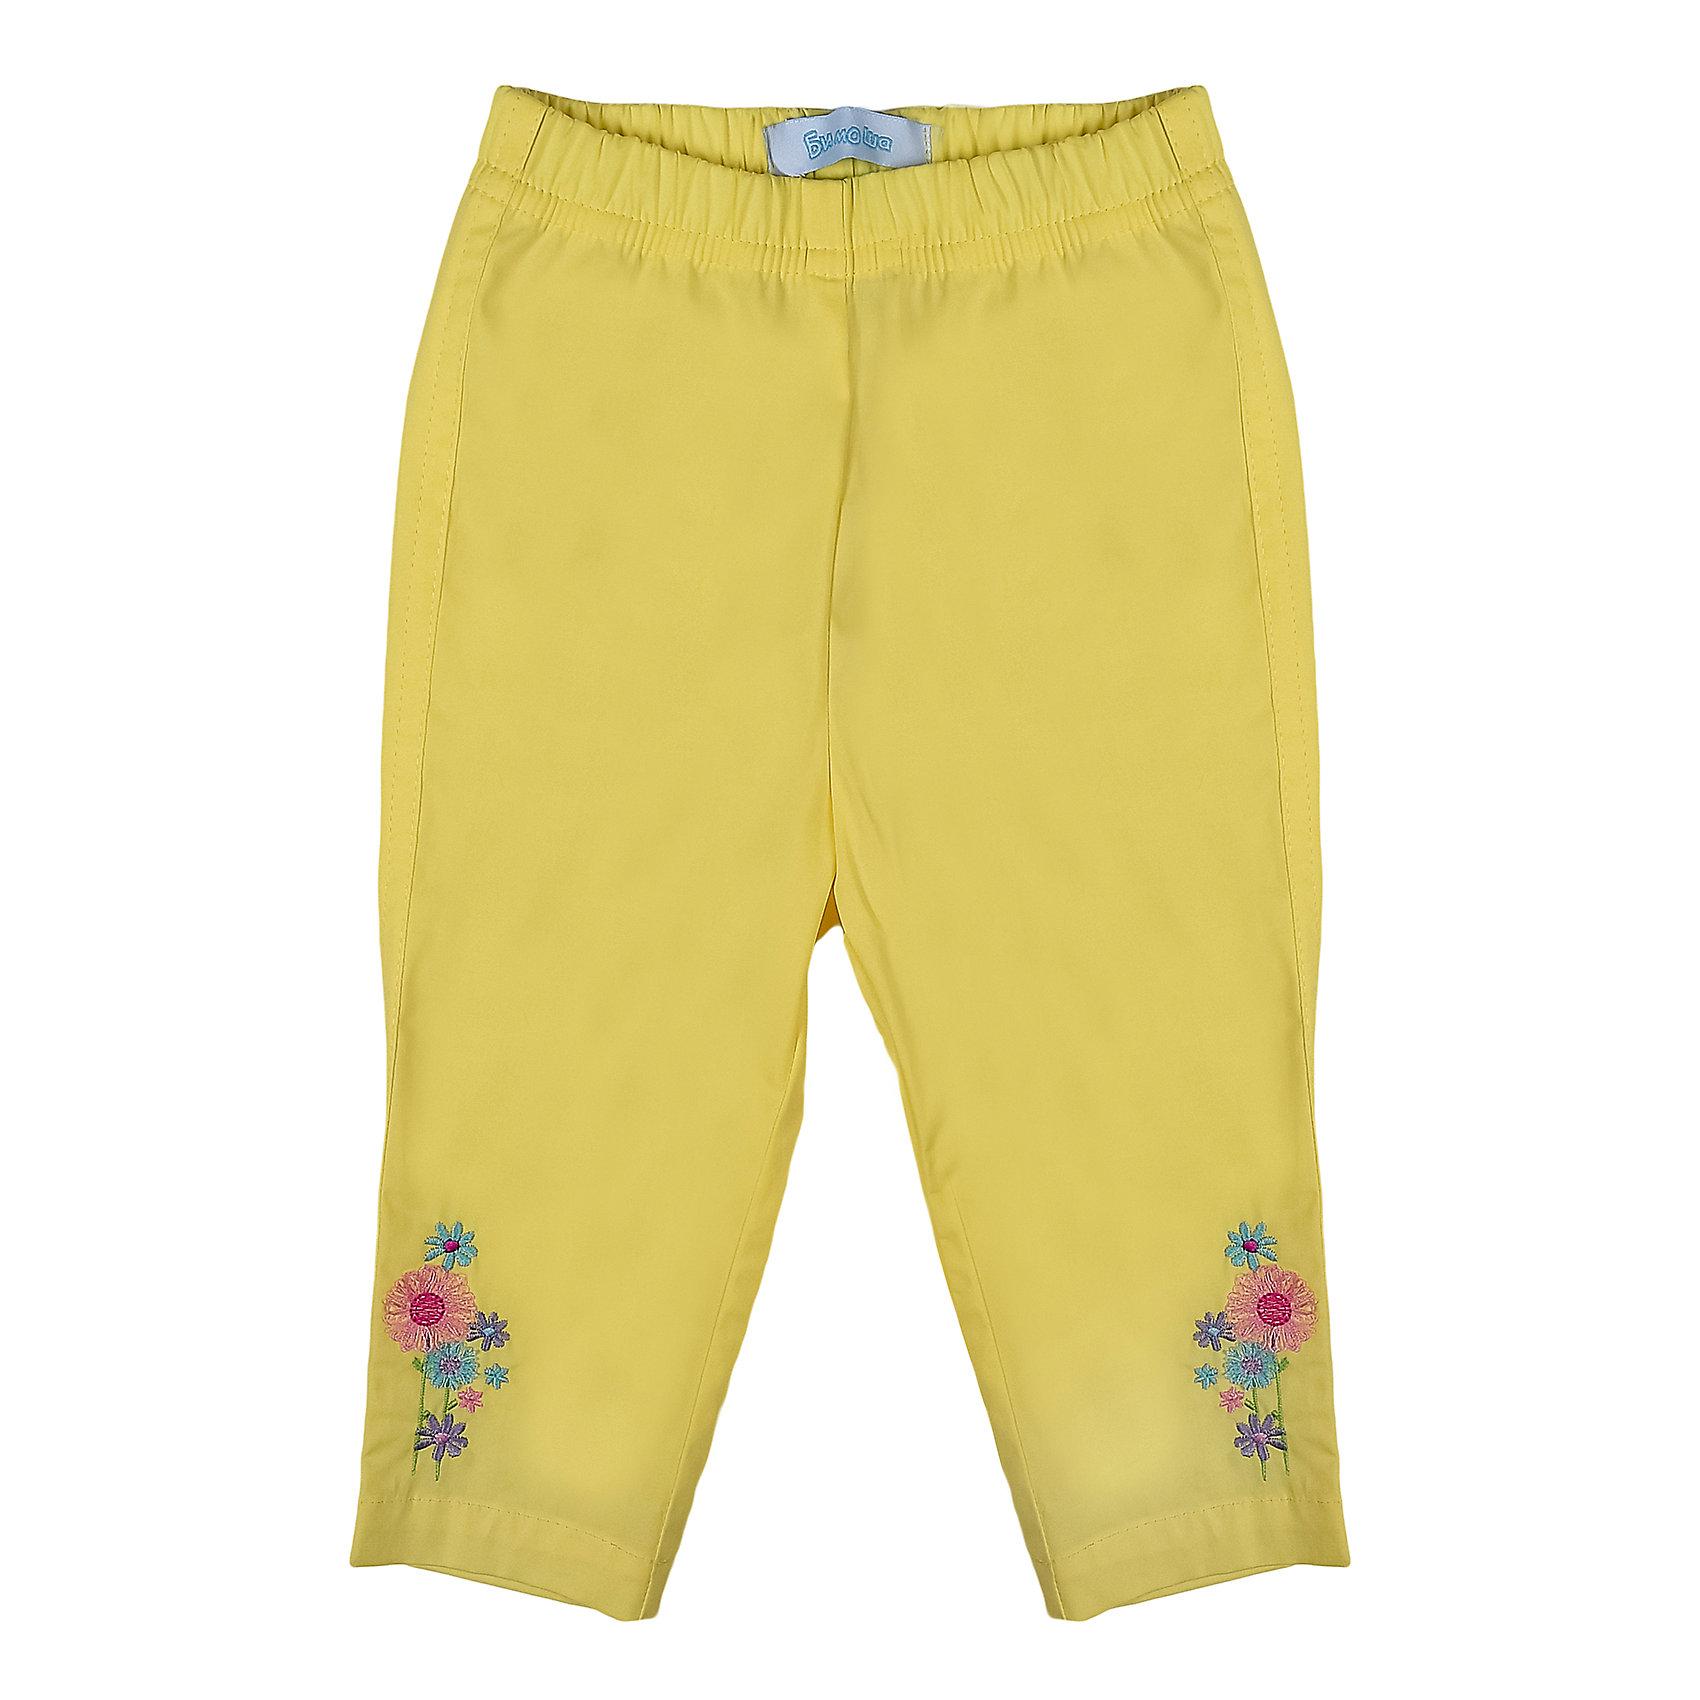 Брюки для девочки БимошаБрюки<br>Однотонные зауженные брюки украшены вышивкой, пояс на резинке. Состав: Поплин 97% хлопок, 3% эластан<br><br>Ширина мм: 215<br>Глубина мм: 88<br>Высота мм: 191<br>Вес г: 336<br>Цвет: желтый<br>Возраст от месяцев: 12<br>Возраст до месяцев: 15<br>Пол: Женский<br>Возраст: Детский<br>Размер: 80,92,86,74,68<br>SKU: 4645360